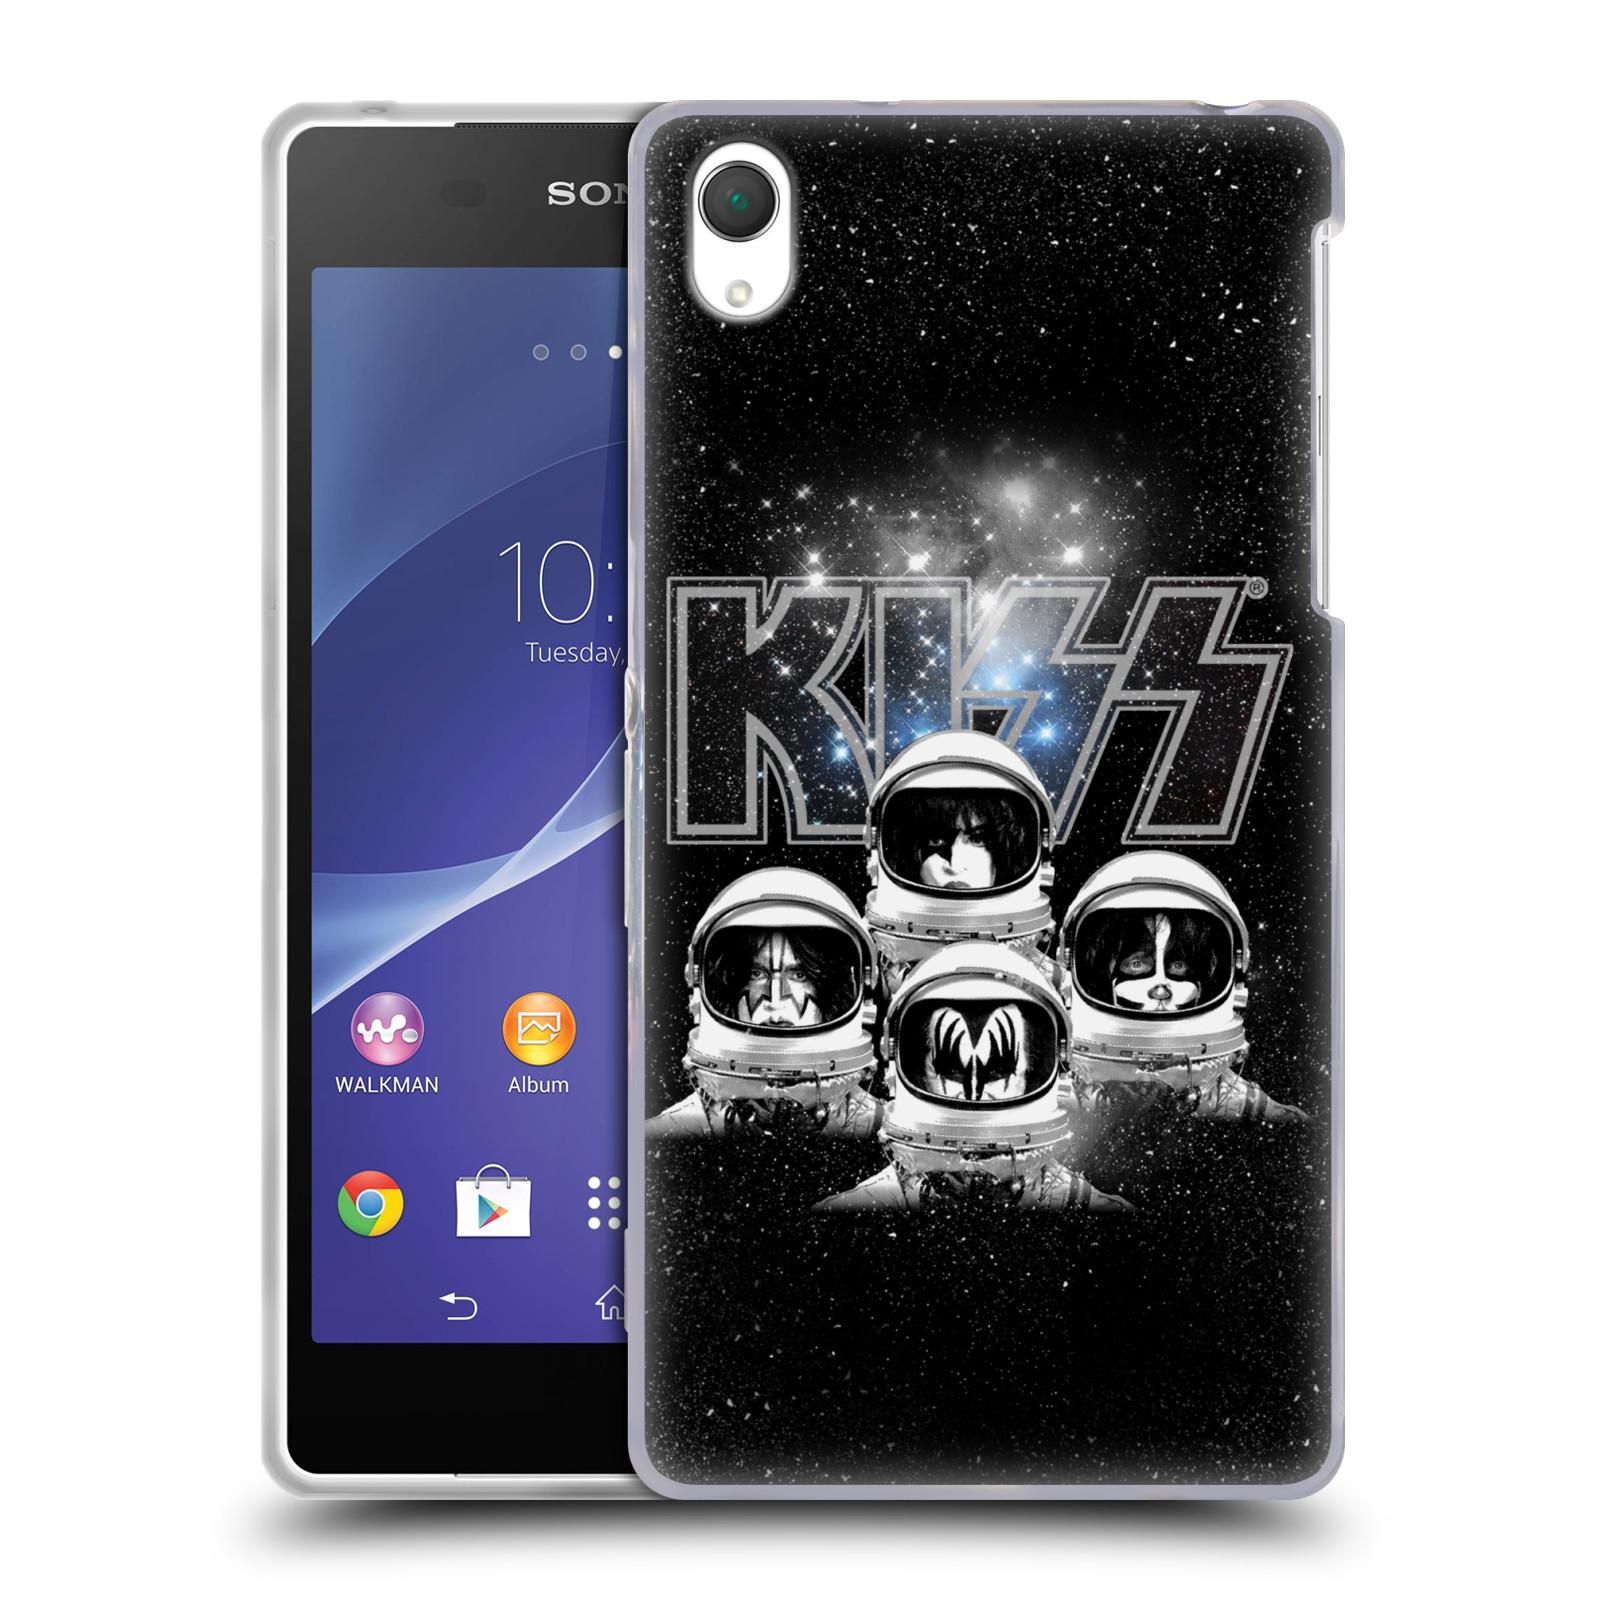 Silikonové pouzdro na mobil Sony Xperia Z2 D6503 HEAD CASE - Kiss - Galactic (Silikonový kryt či obal na mobilní telefon s licencovaným motivem Kiss pro Sony Xperia Z2)